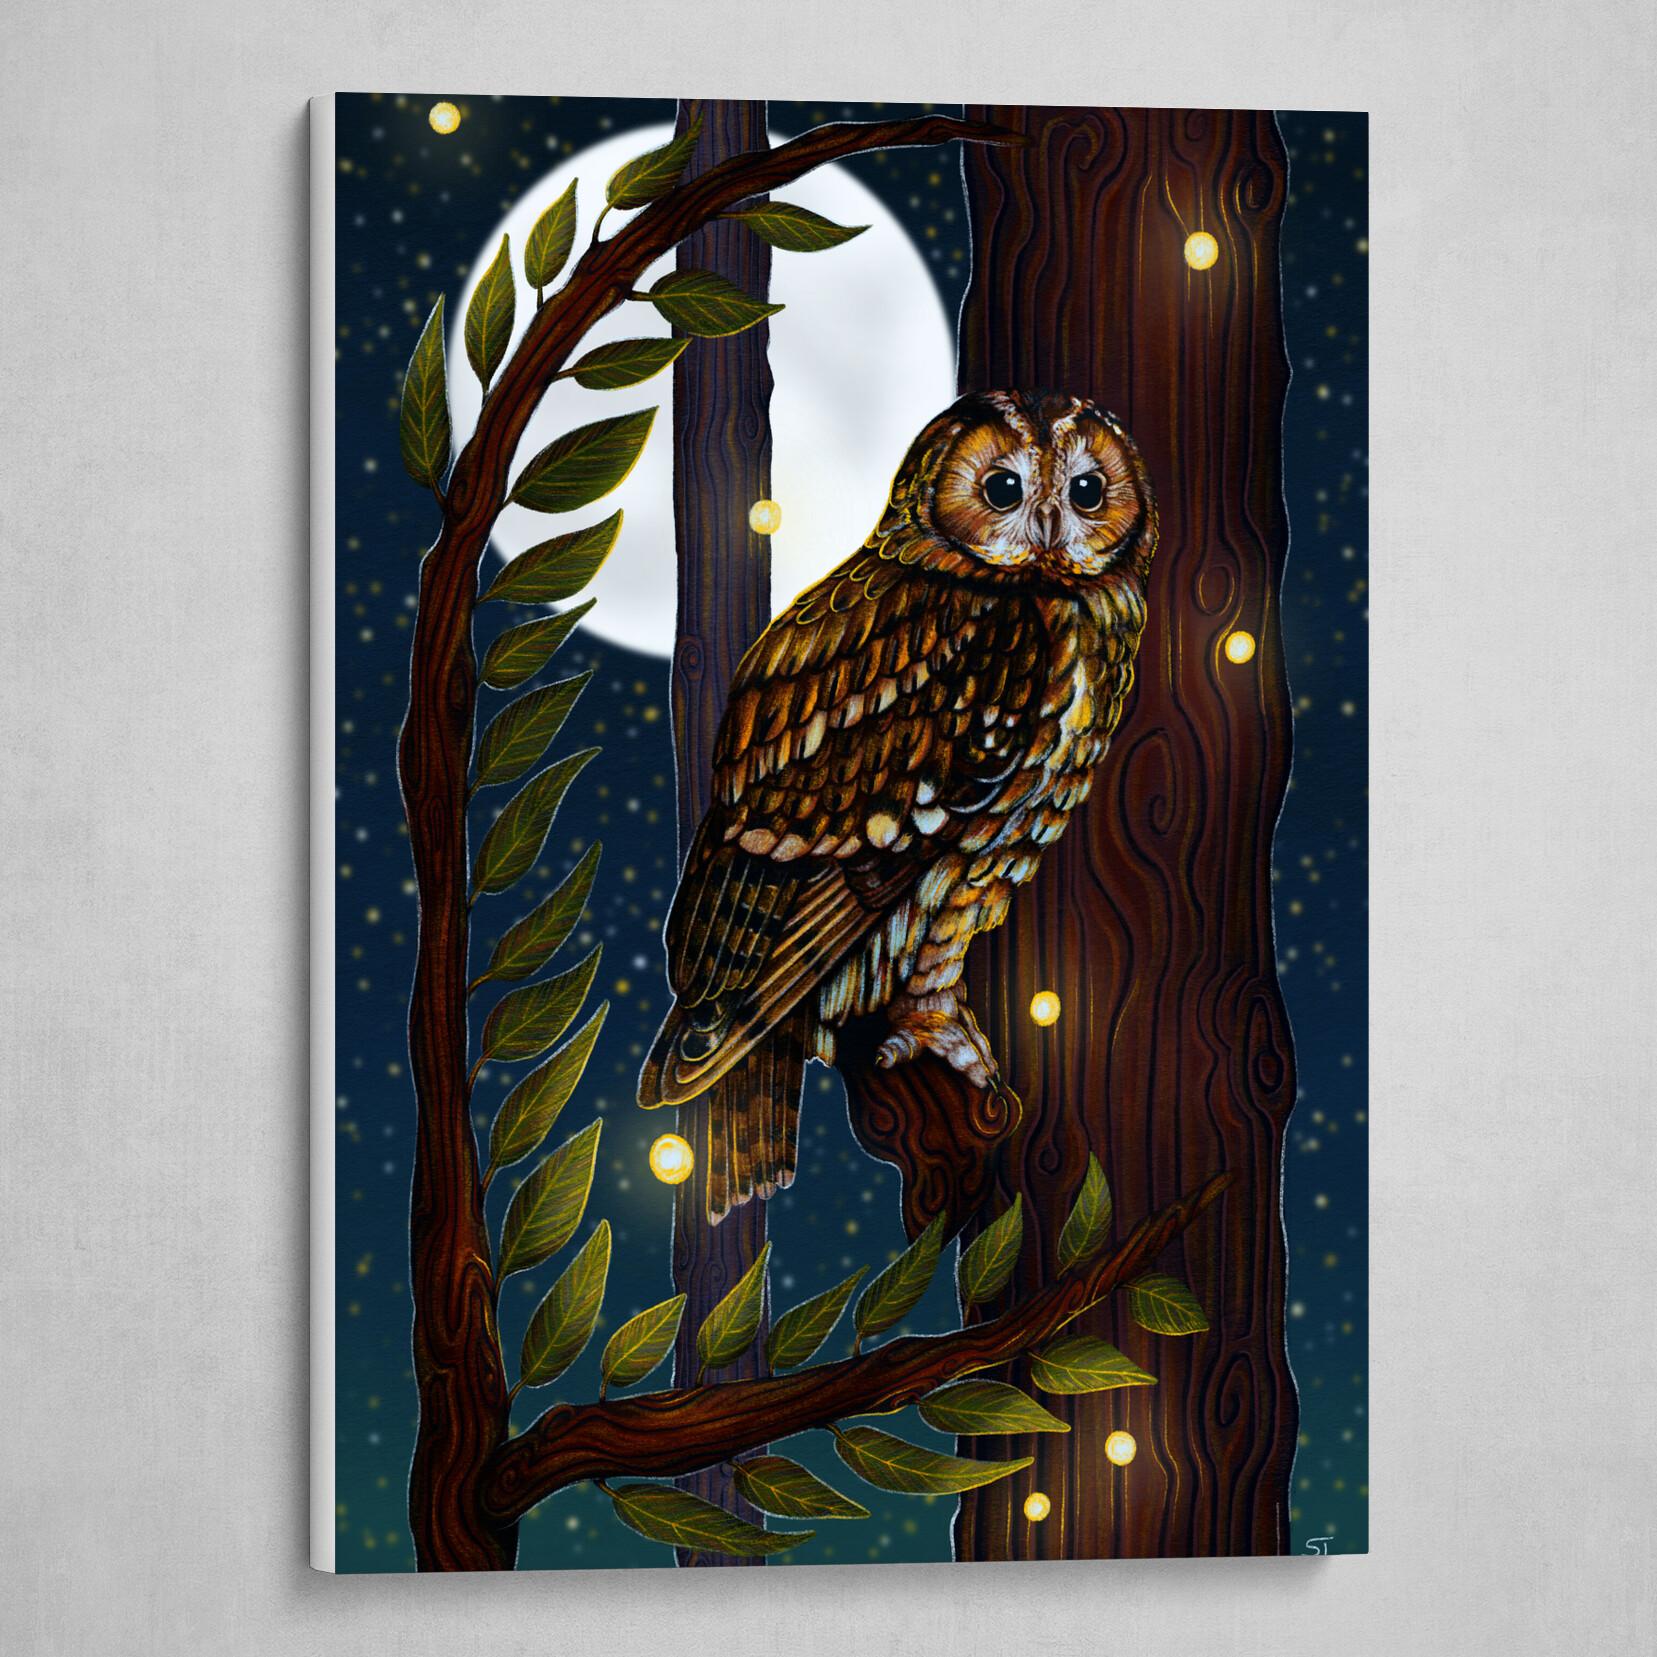 Tawny Owl Moonlit Perch